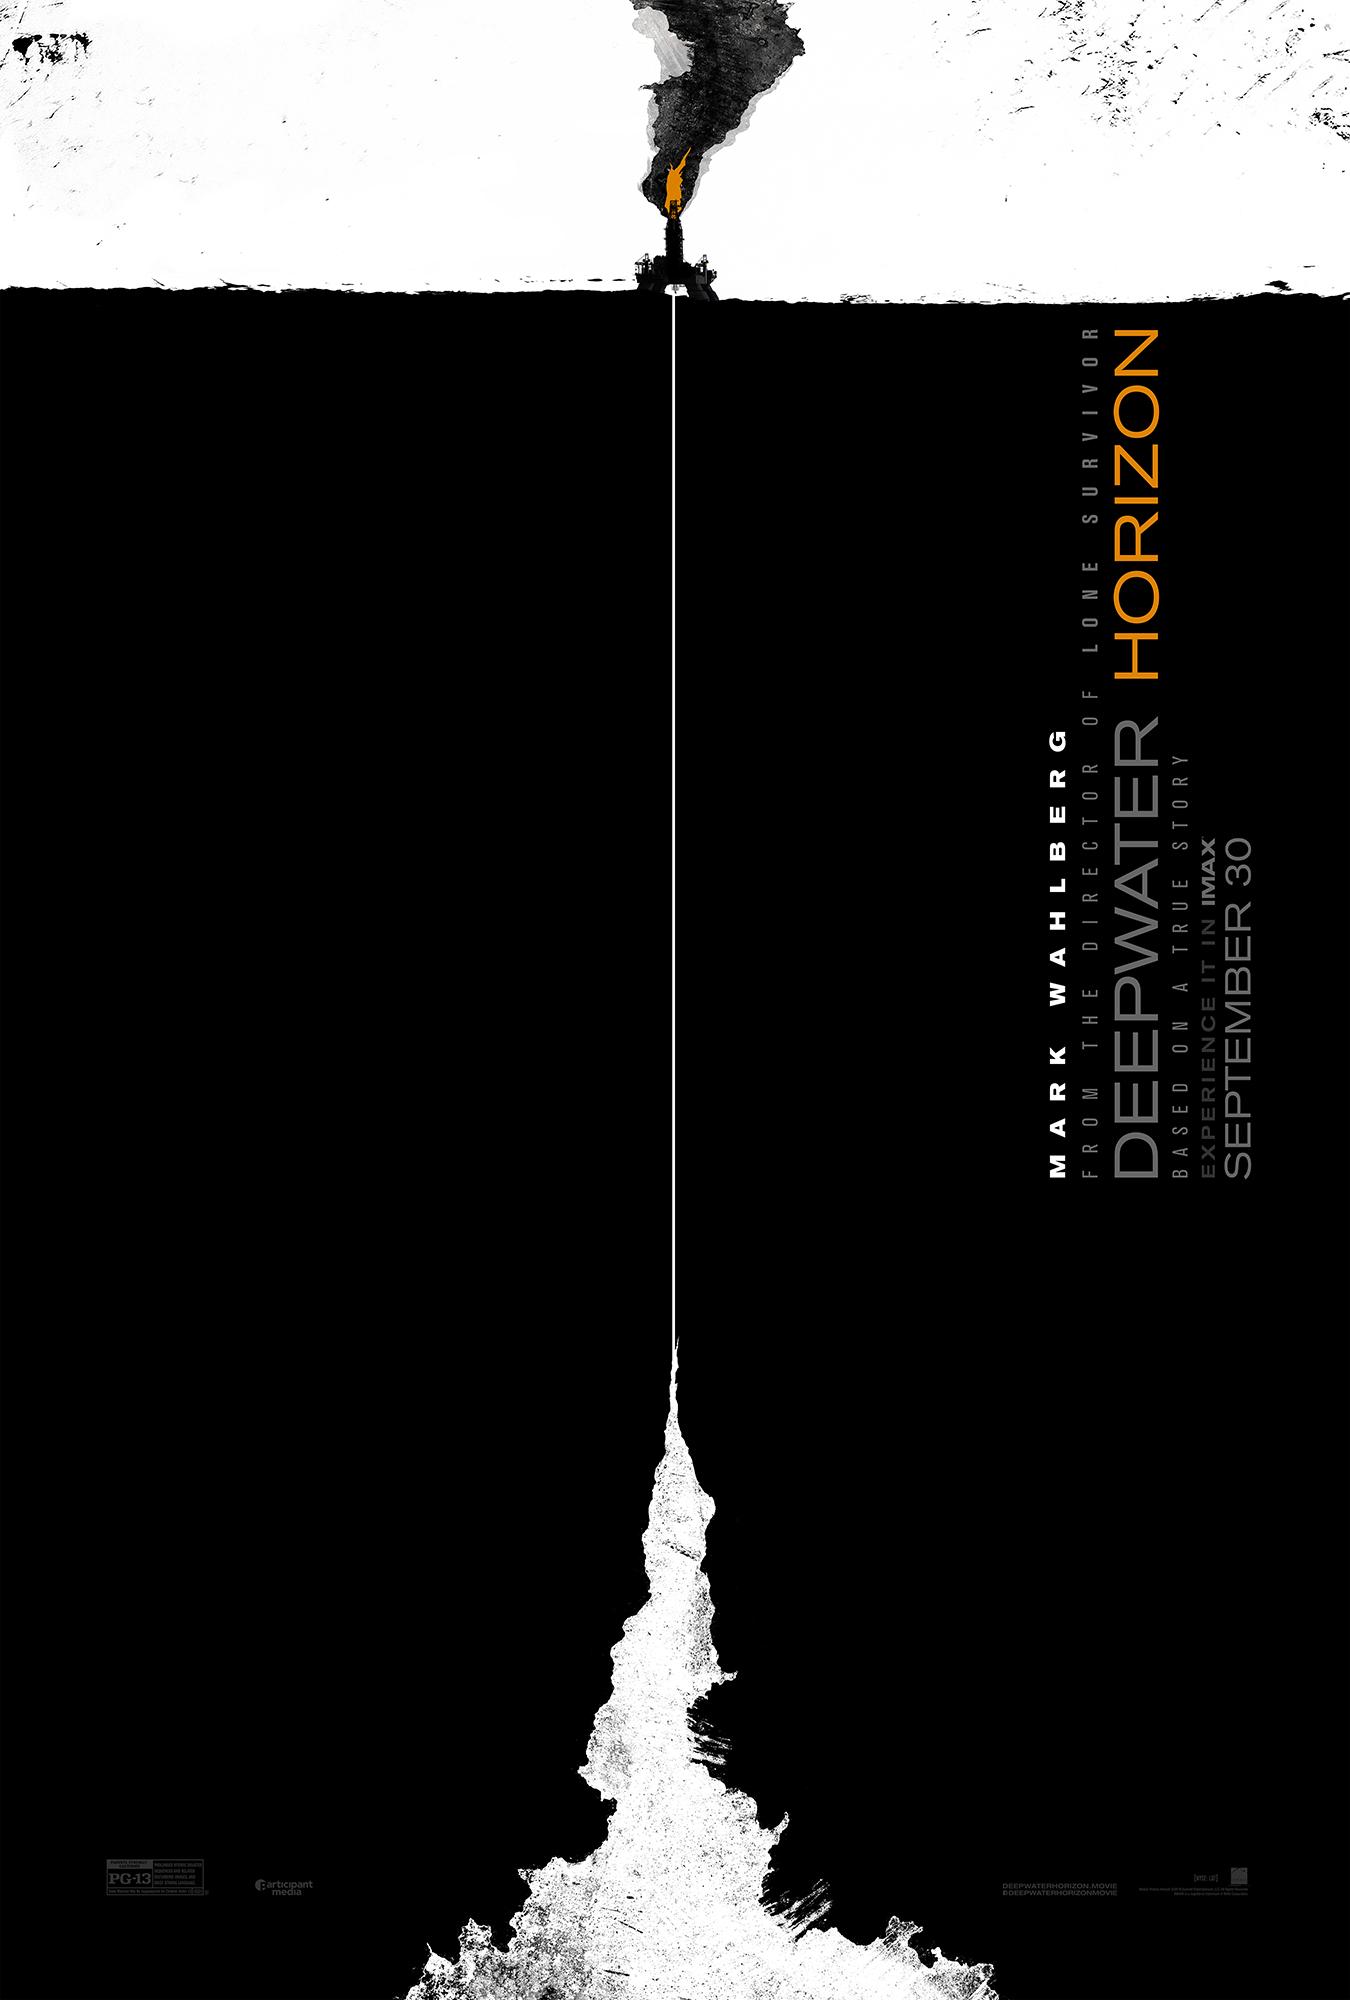 DeepwaterHorizon_1Sht_IMAX_Black_Trim_100dpi.jpg